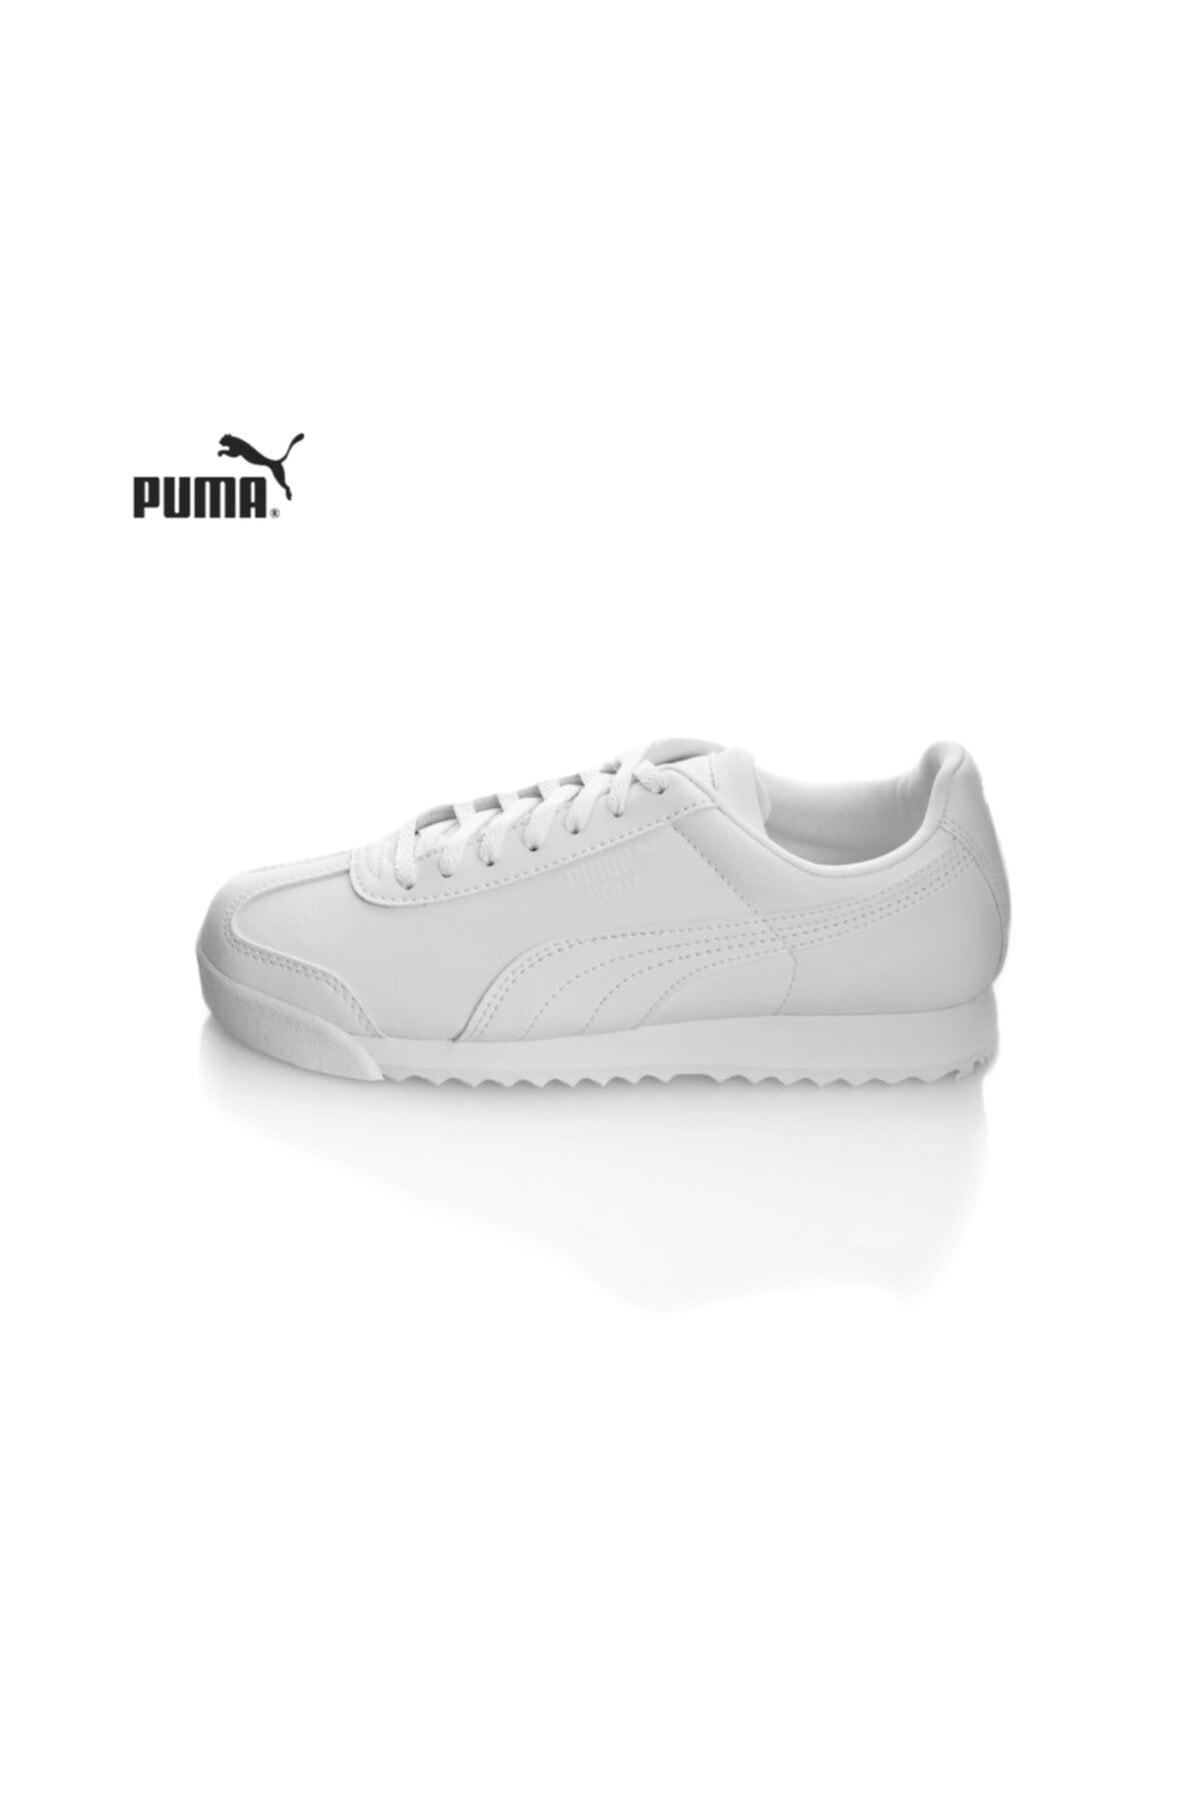 Puma Beyaz Erkek Spor Ayakkabı 354259141 Roma Basıc Jr Whıte-lıght Gray 2